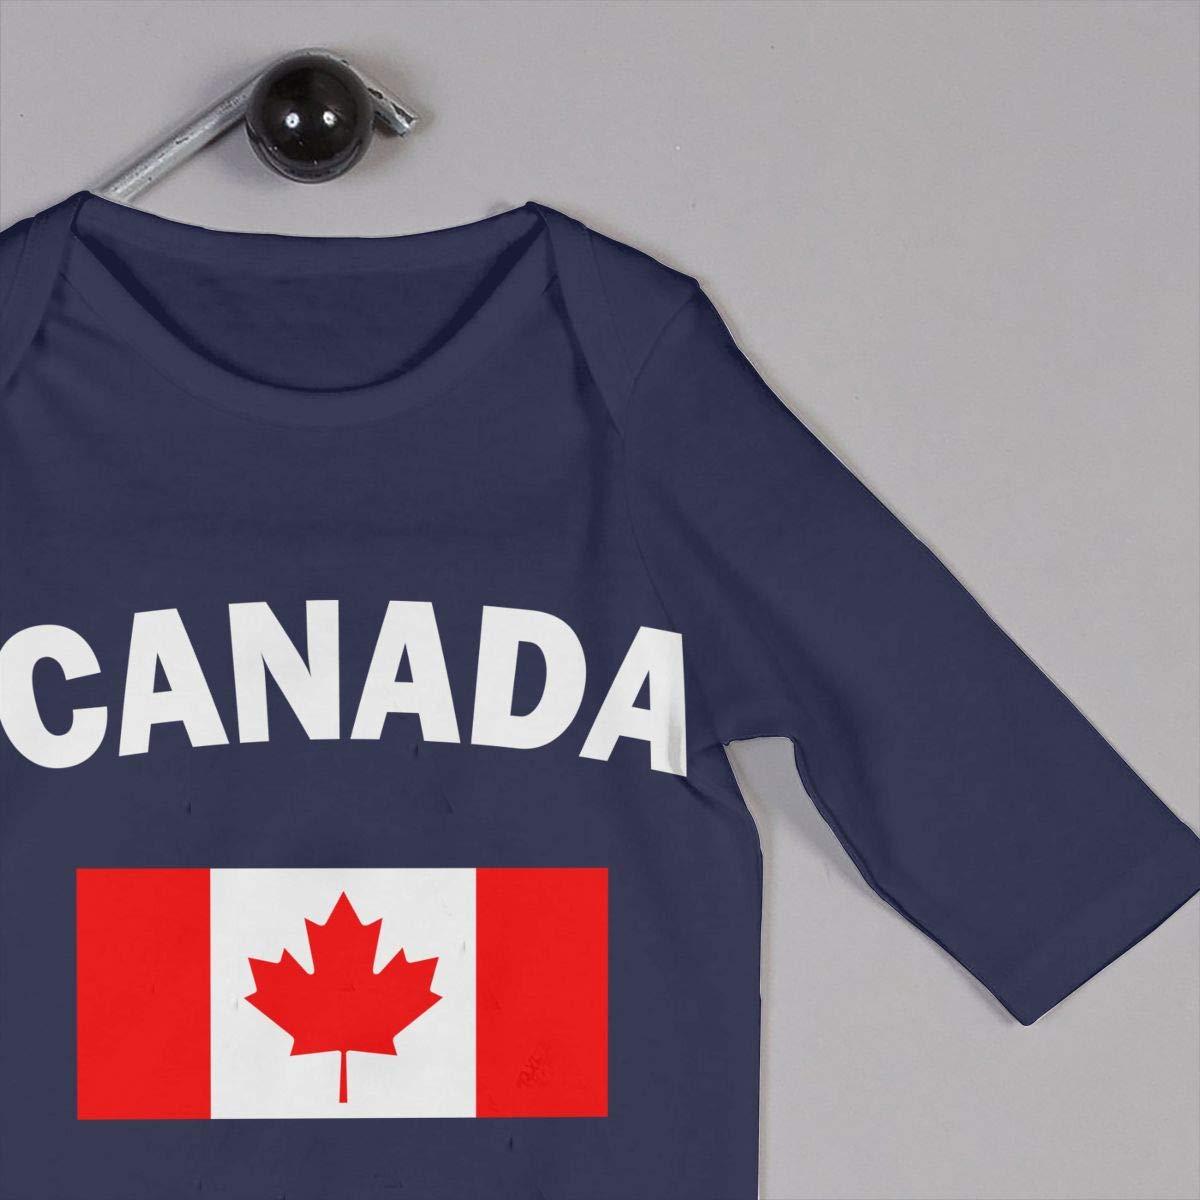 LBJQ8 Canada Flag Unisex Baby Organic Cotton Romper Jumpsuit Bodysuit